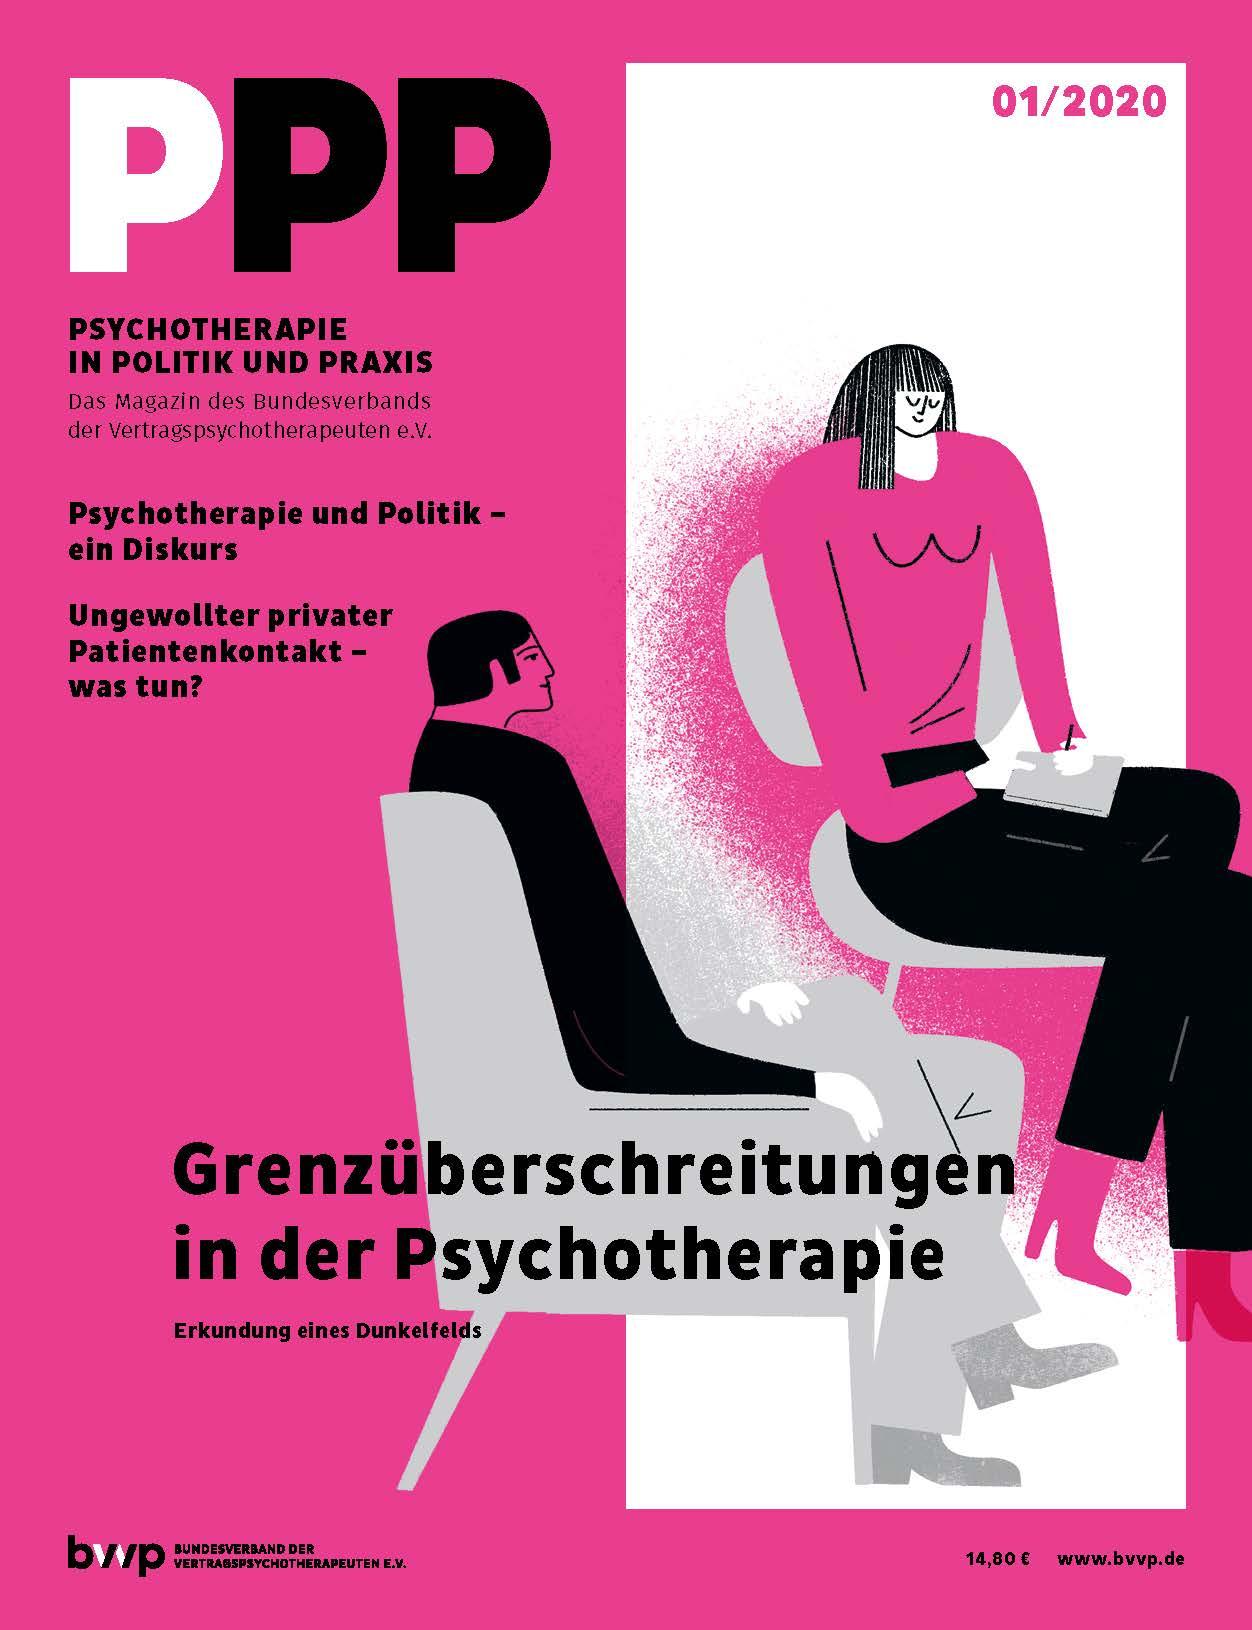 Psychotherapie in Politik und Praxis 01/2020